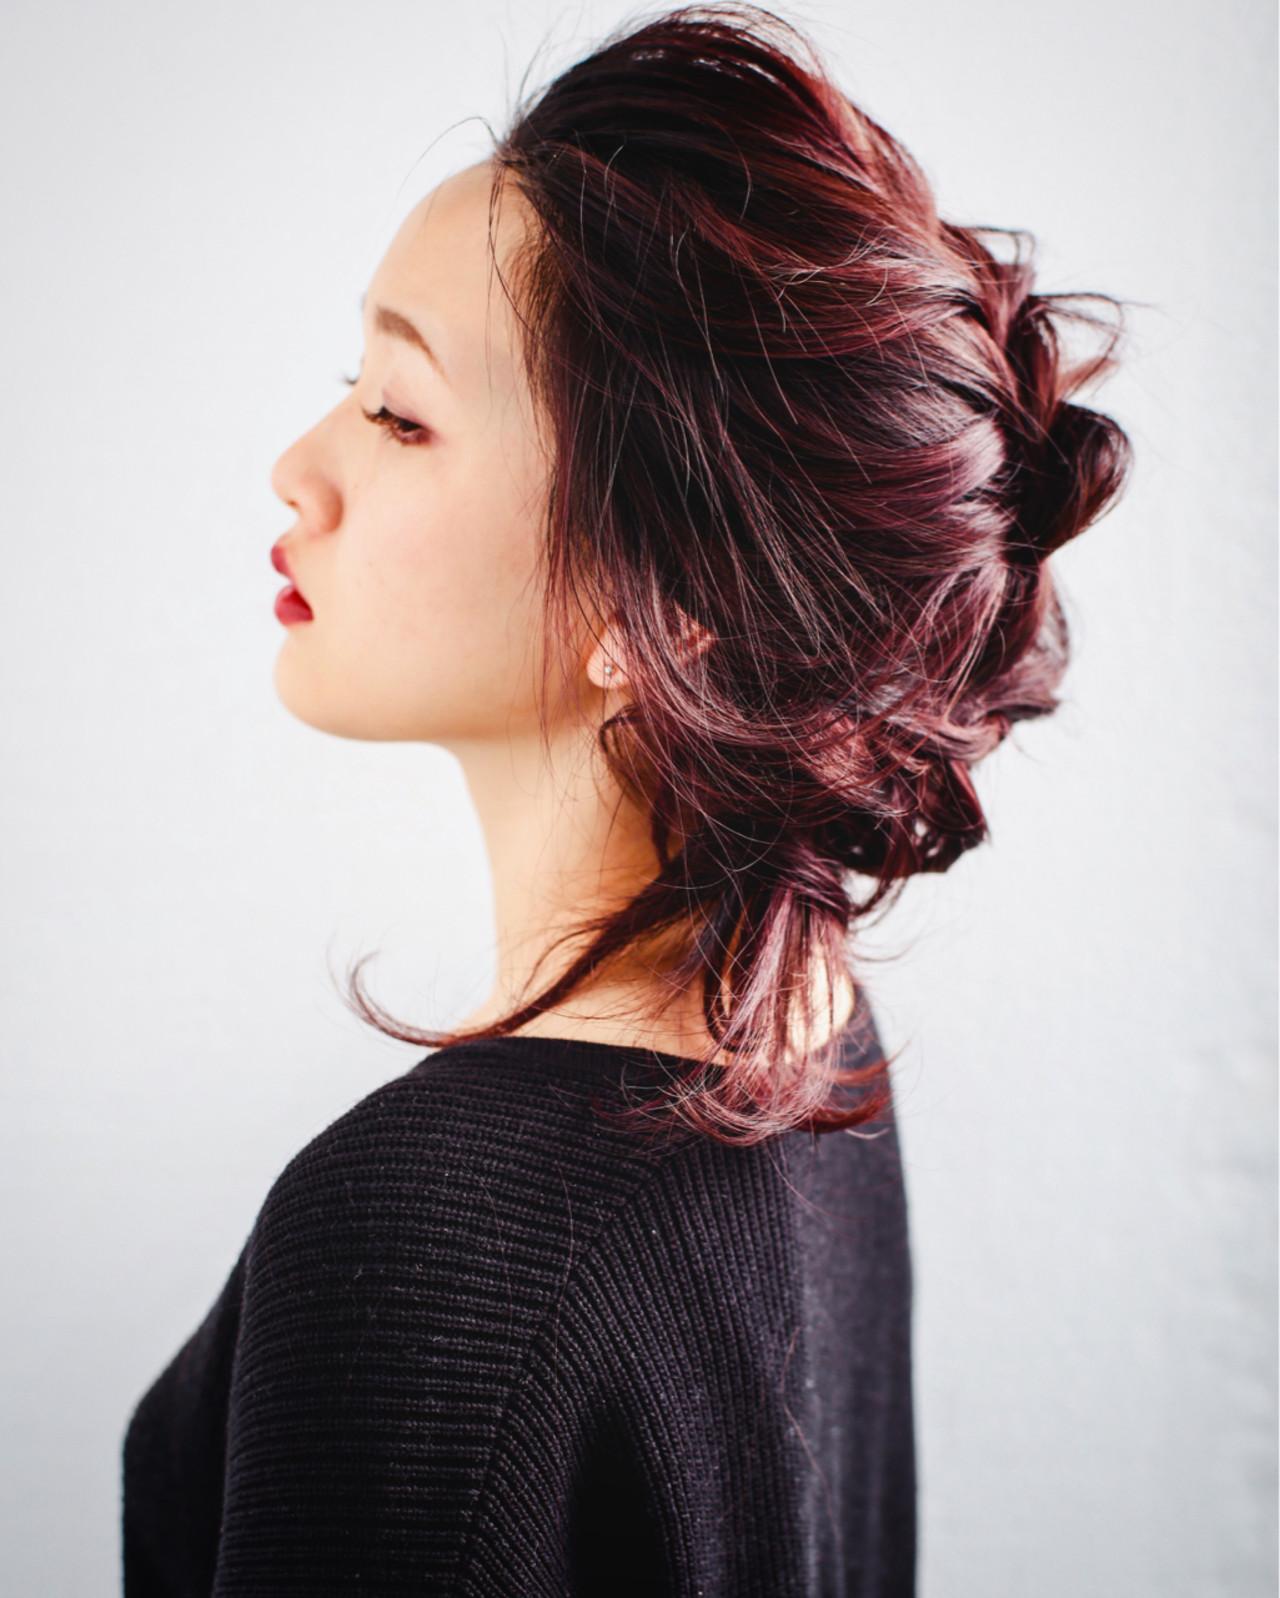 ヘアアレンジ ミディアム 簡単ヘアアレンジ こなれ感 ヘアスタイルや髪型の写真・画像